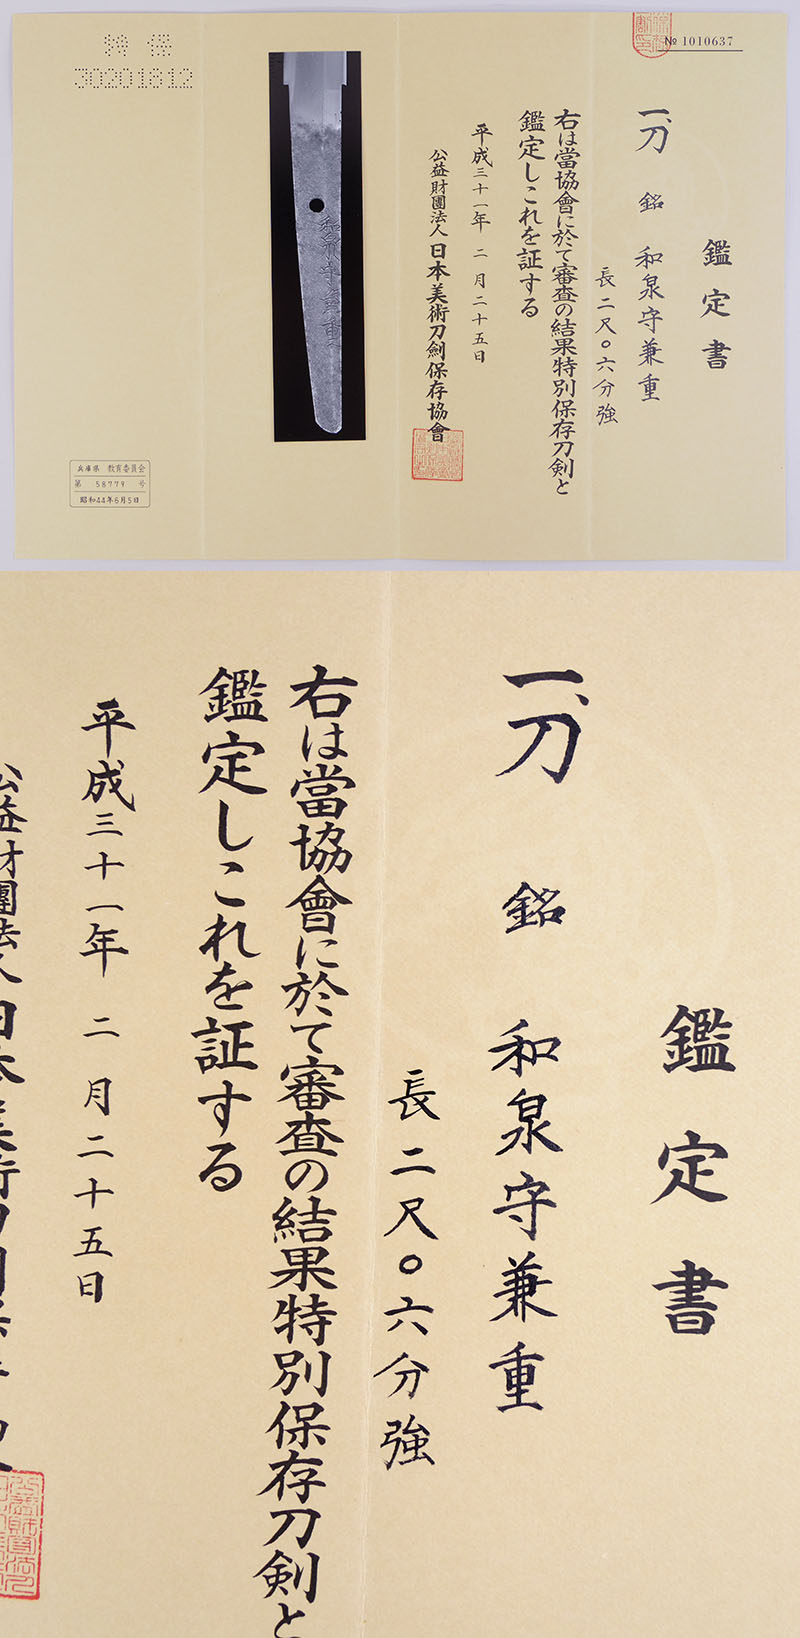 和泉守兼重 Picture of Certificate